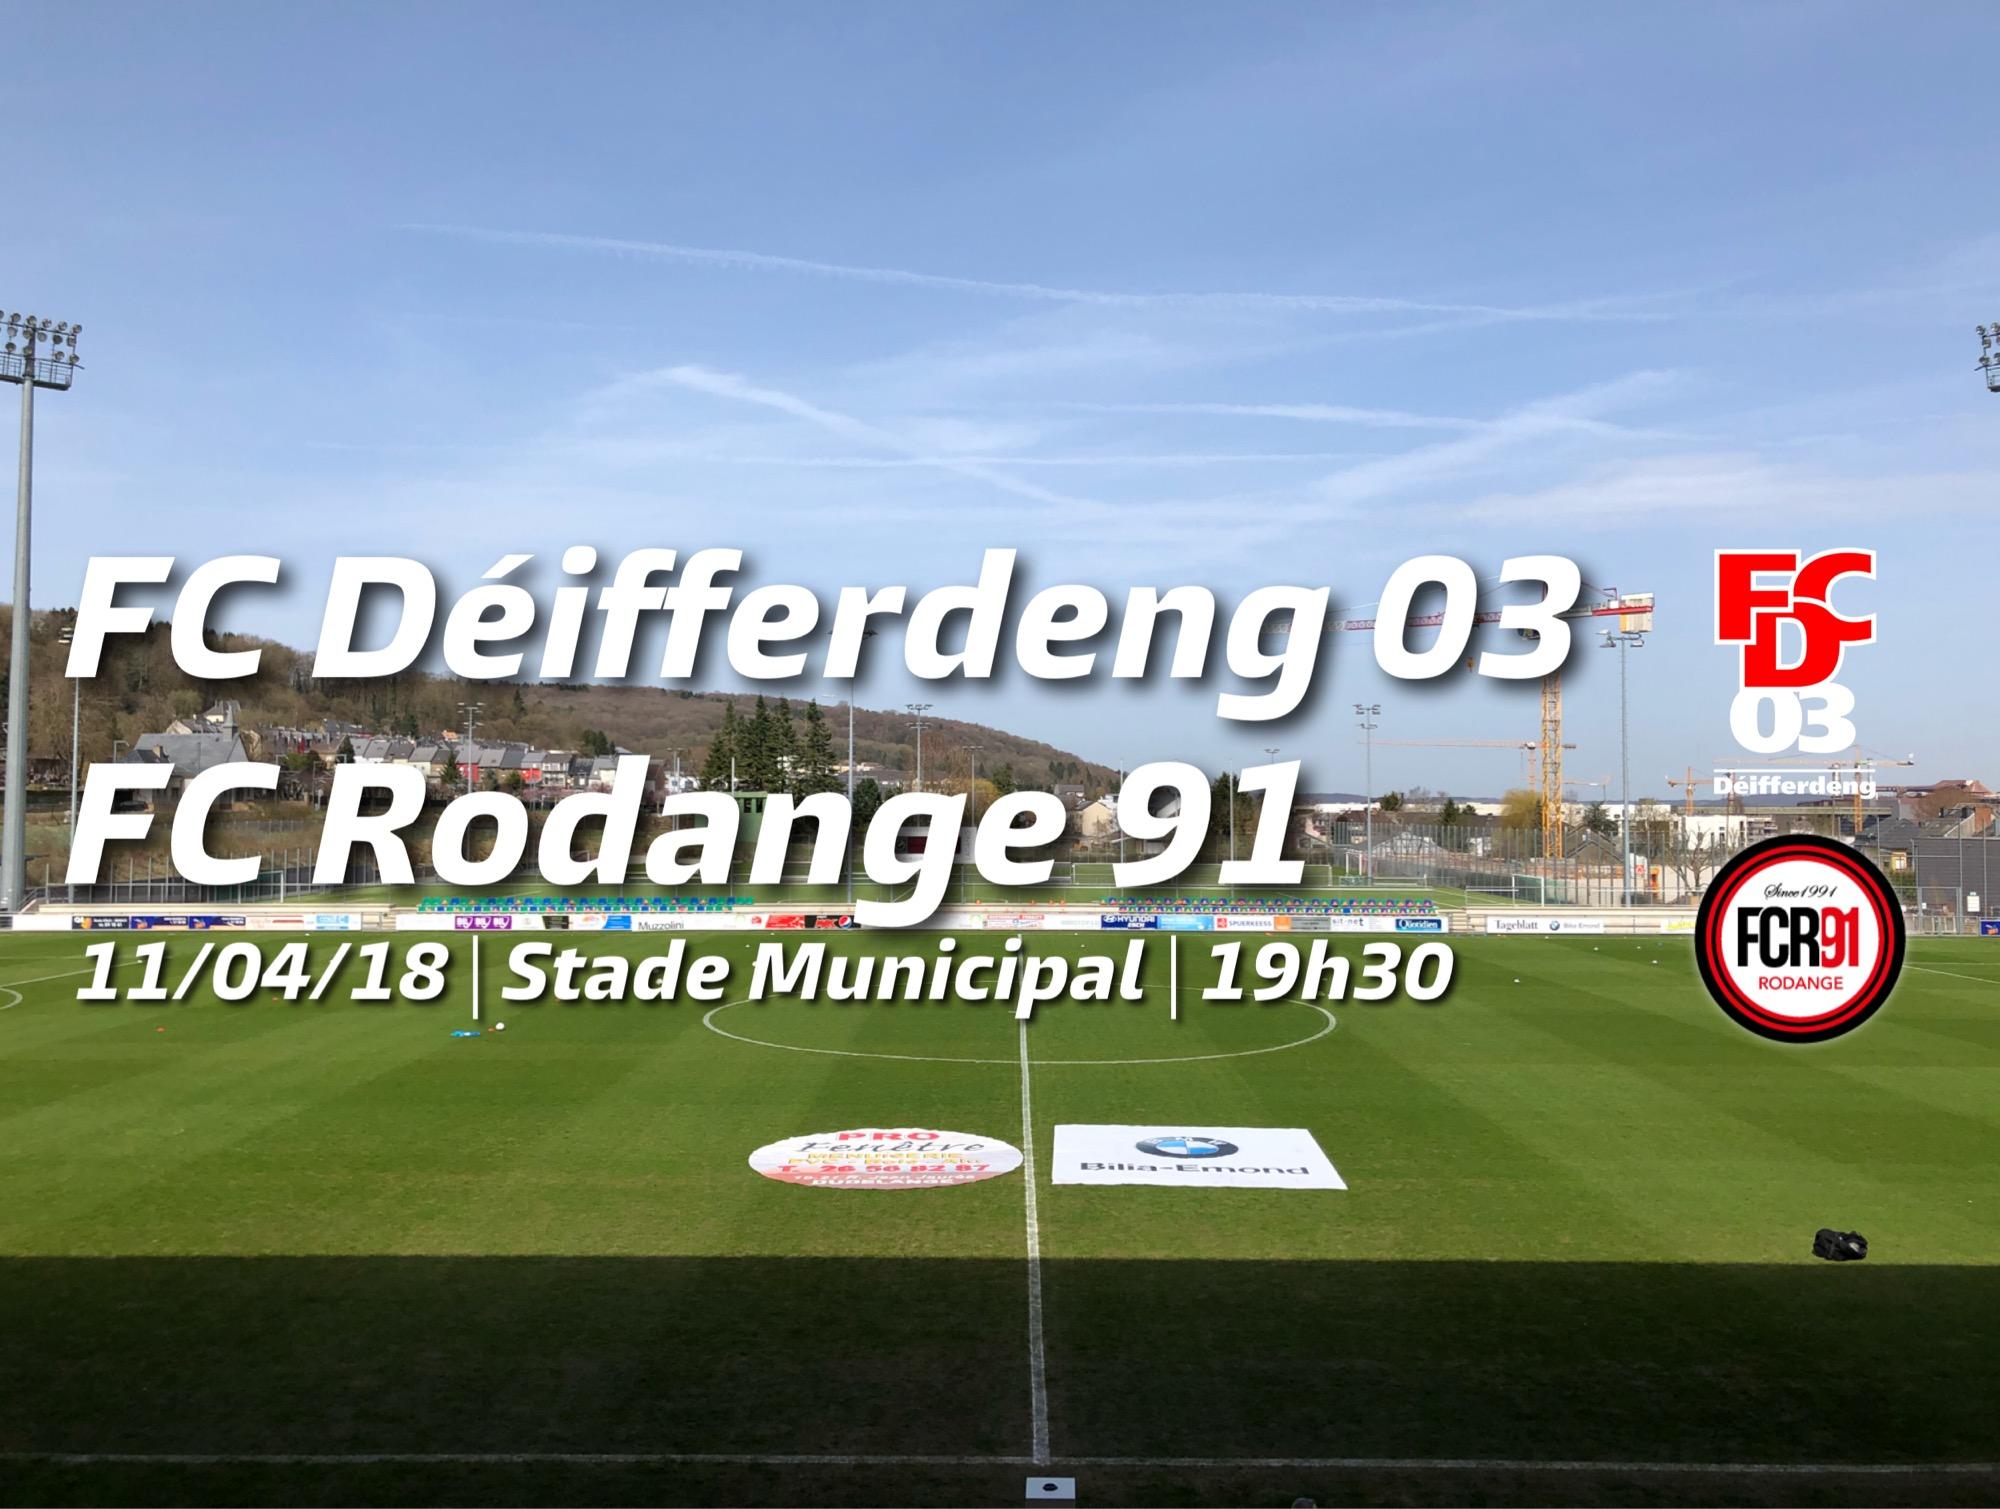 FC Déifferdeng 03 - FC Rodange 91